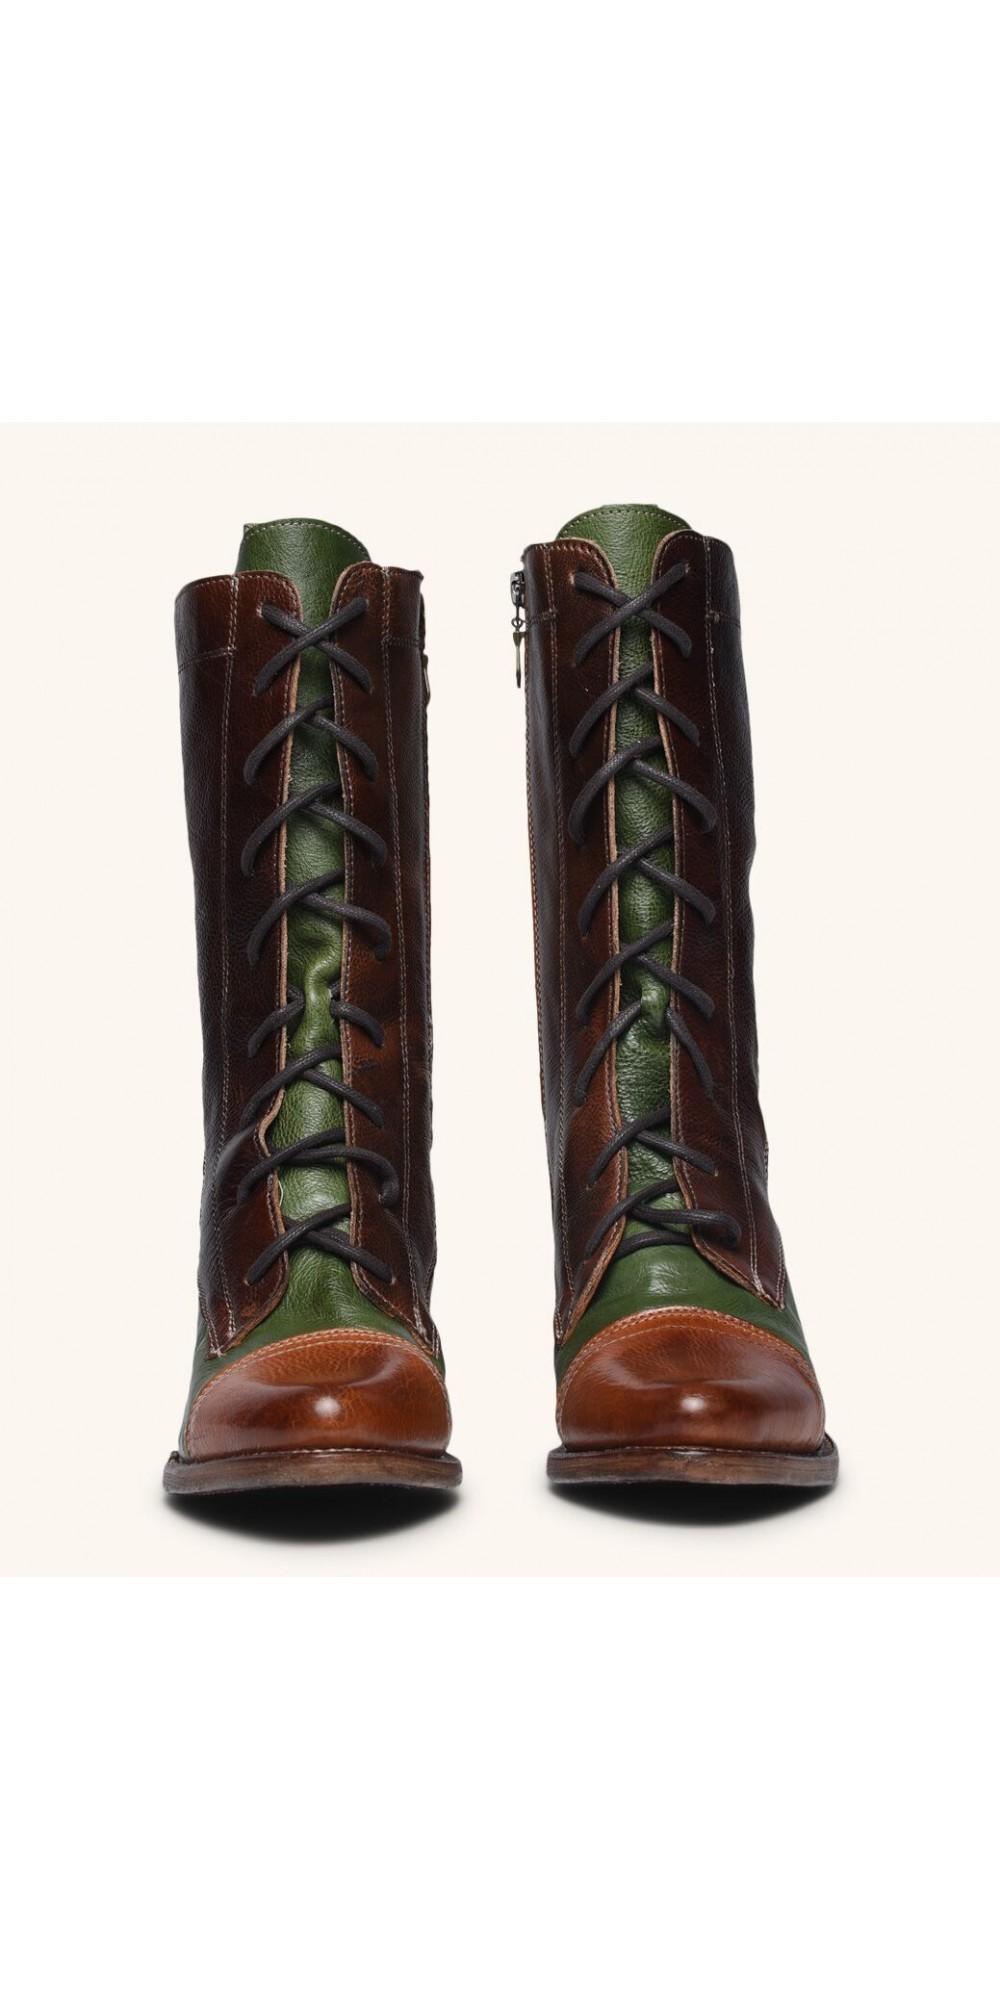 Oak Tree Shoes Cognac Victorian Boots Size